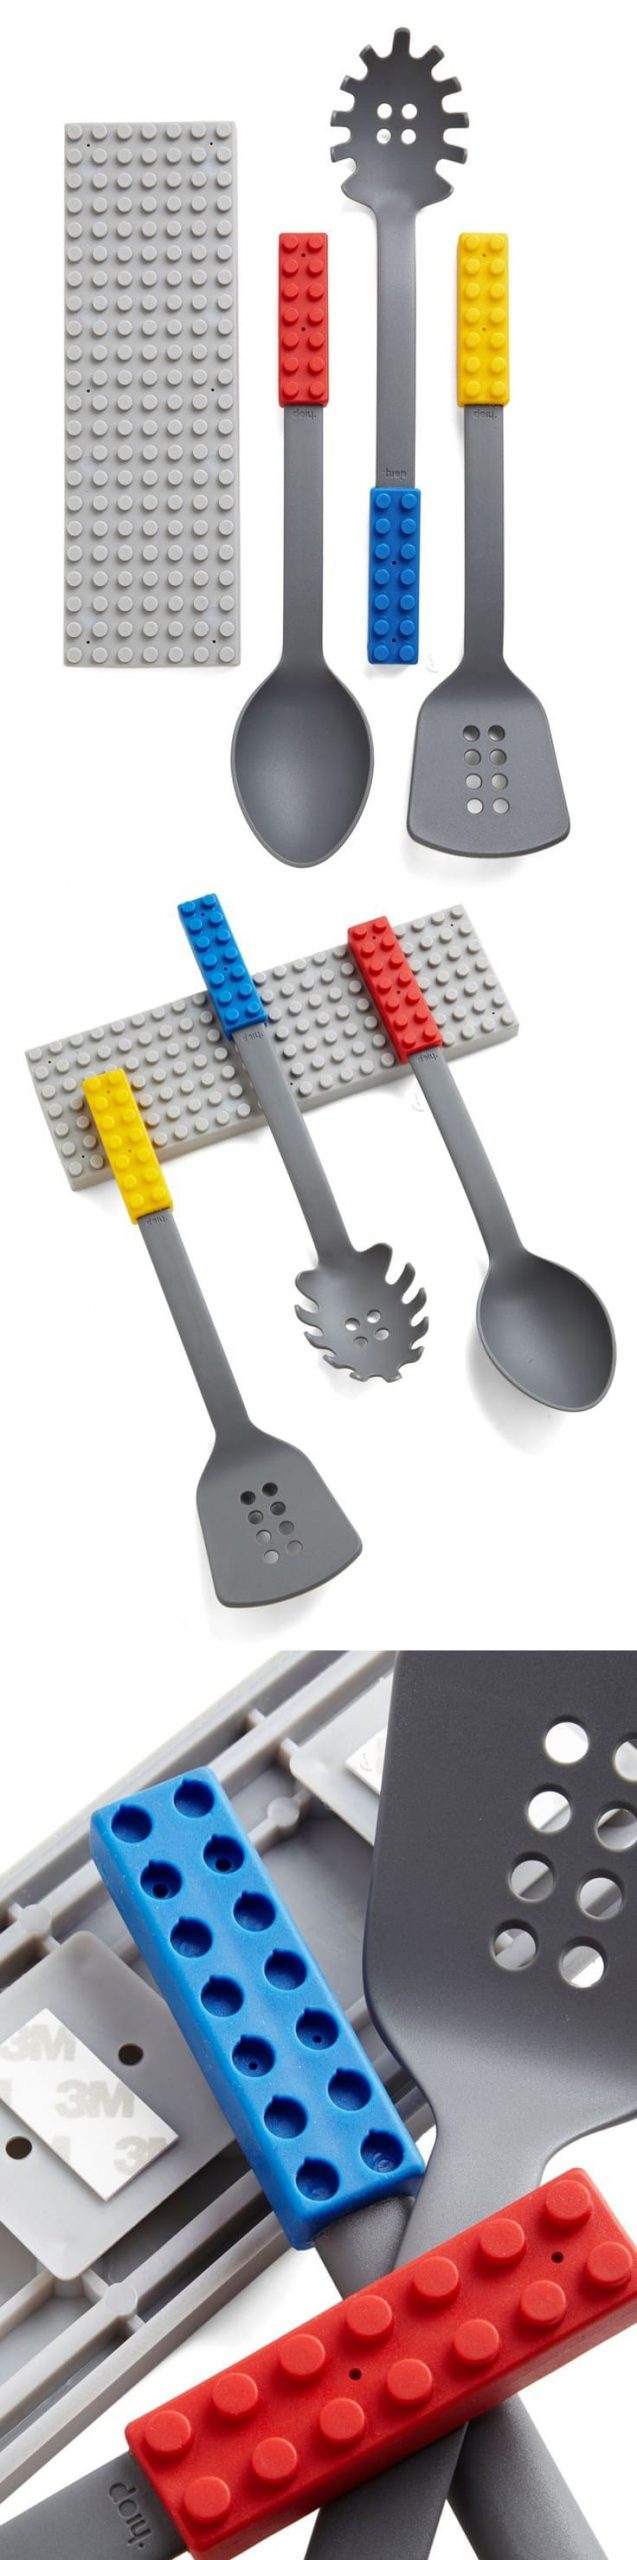 lego utensils